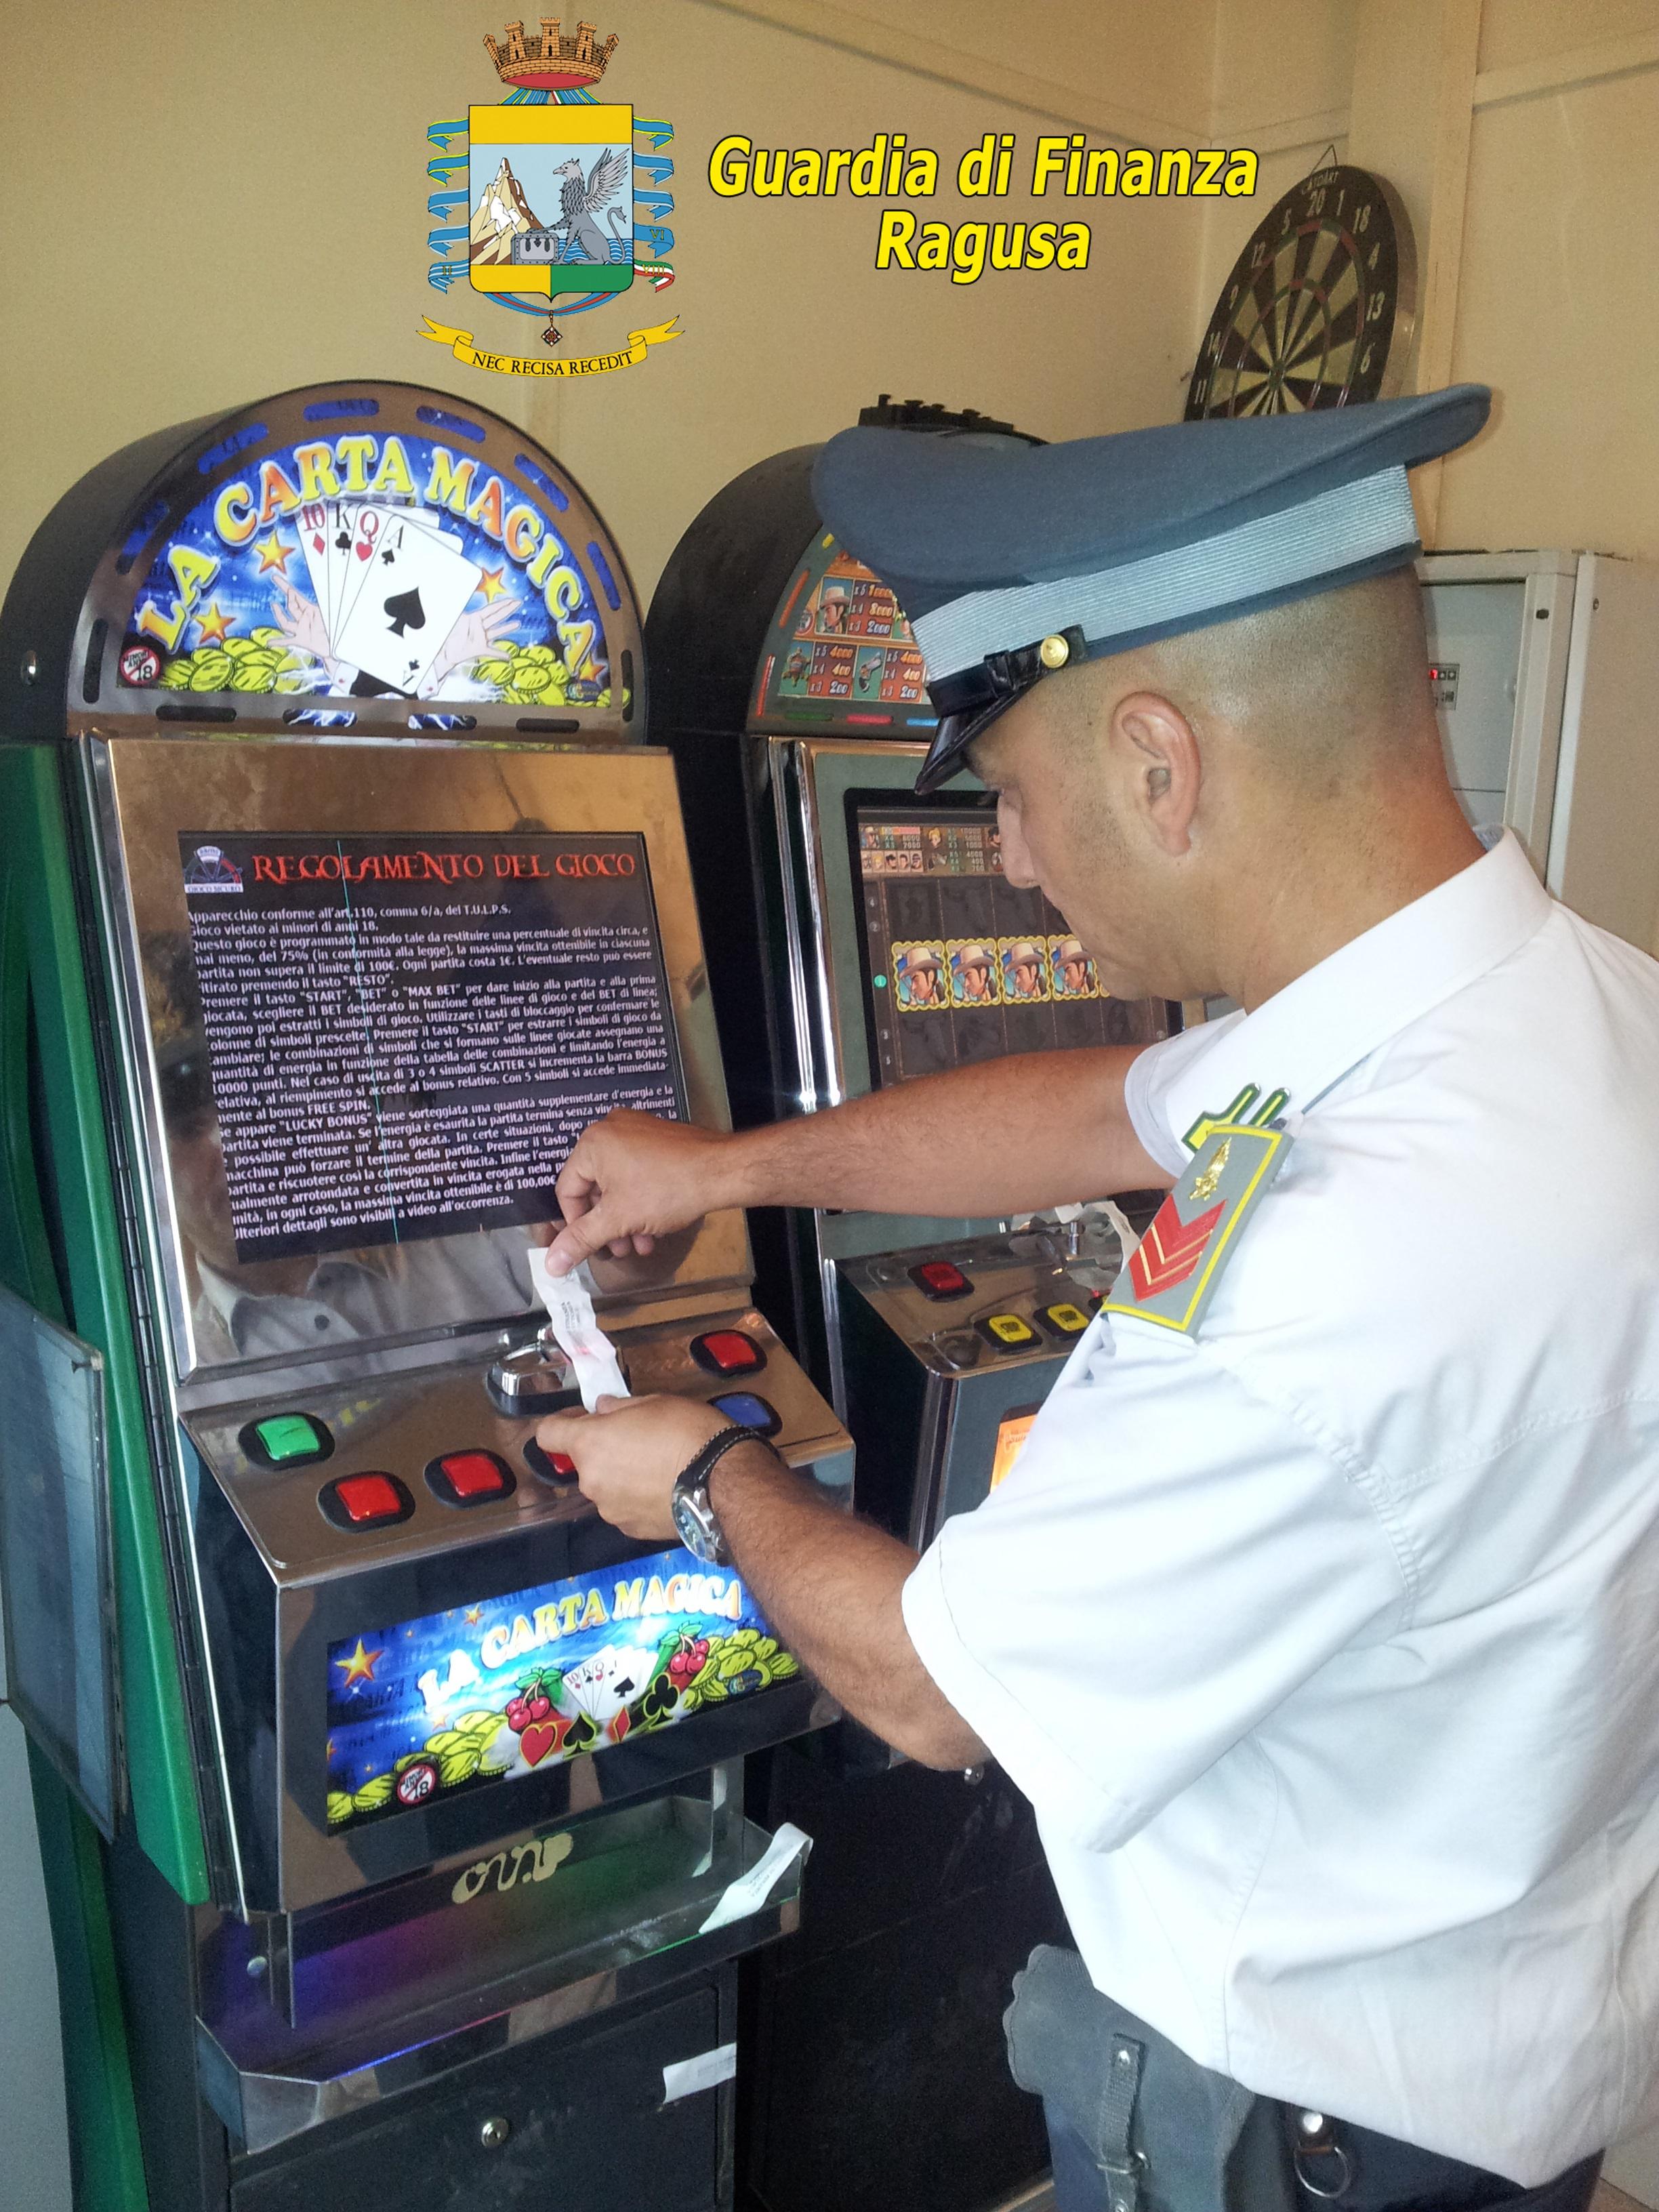 Comiso. La Guardia di Finanza a contrasto del gioco illegale: sequestrati videopoker illegali.